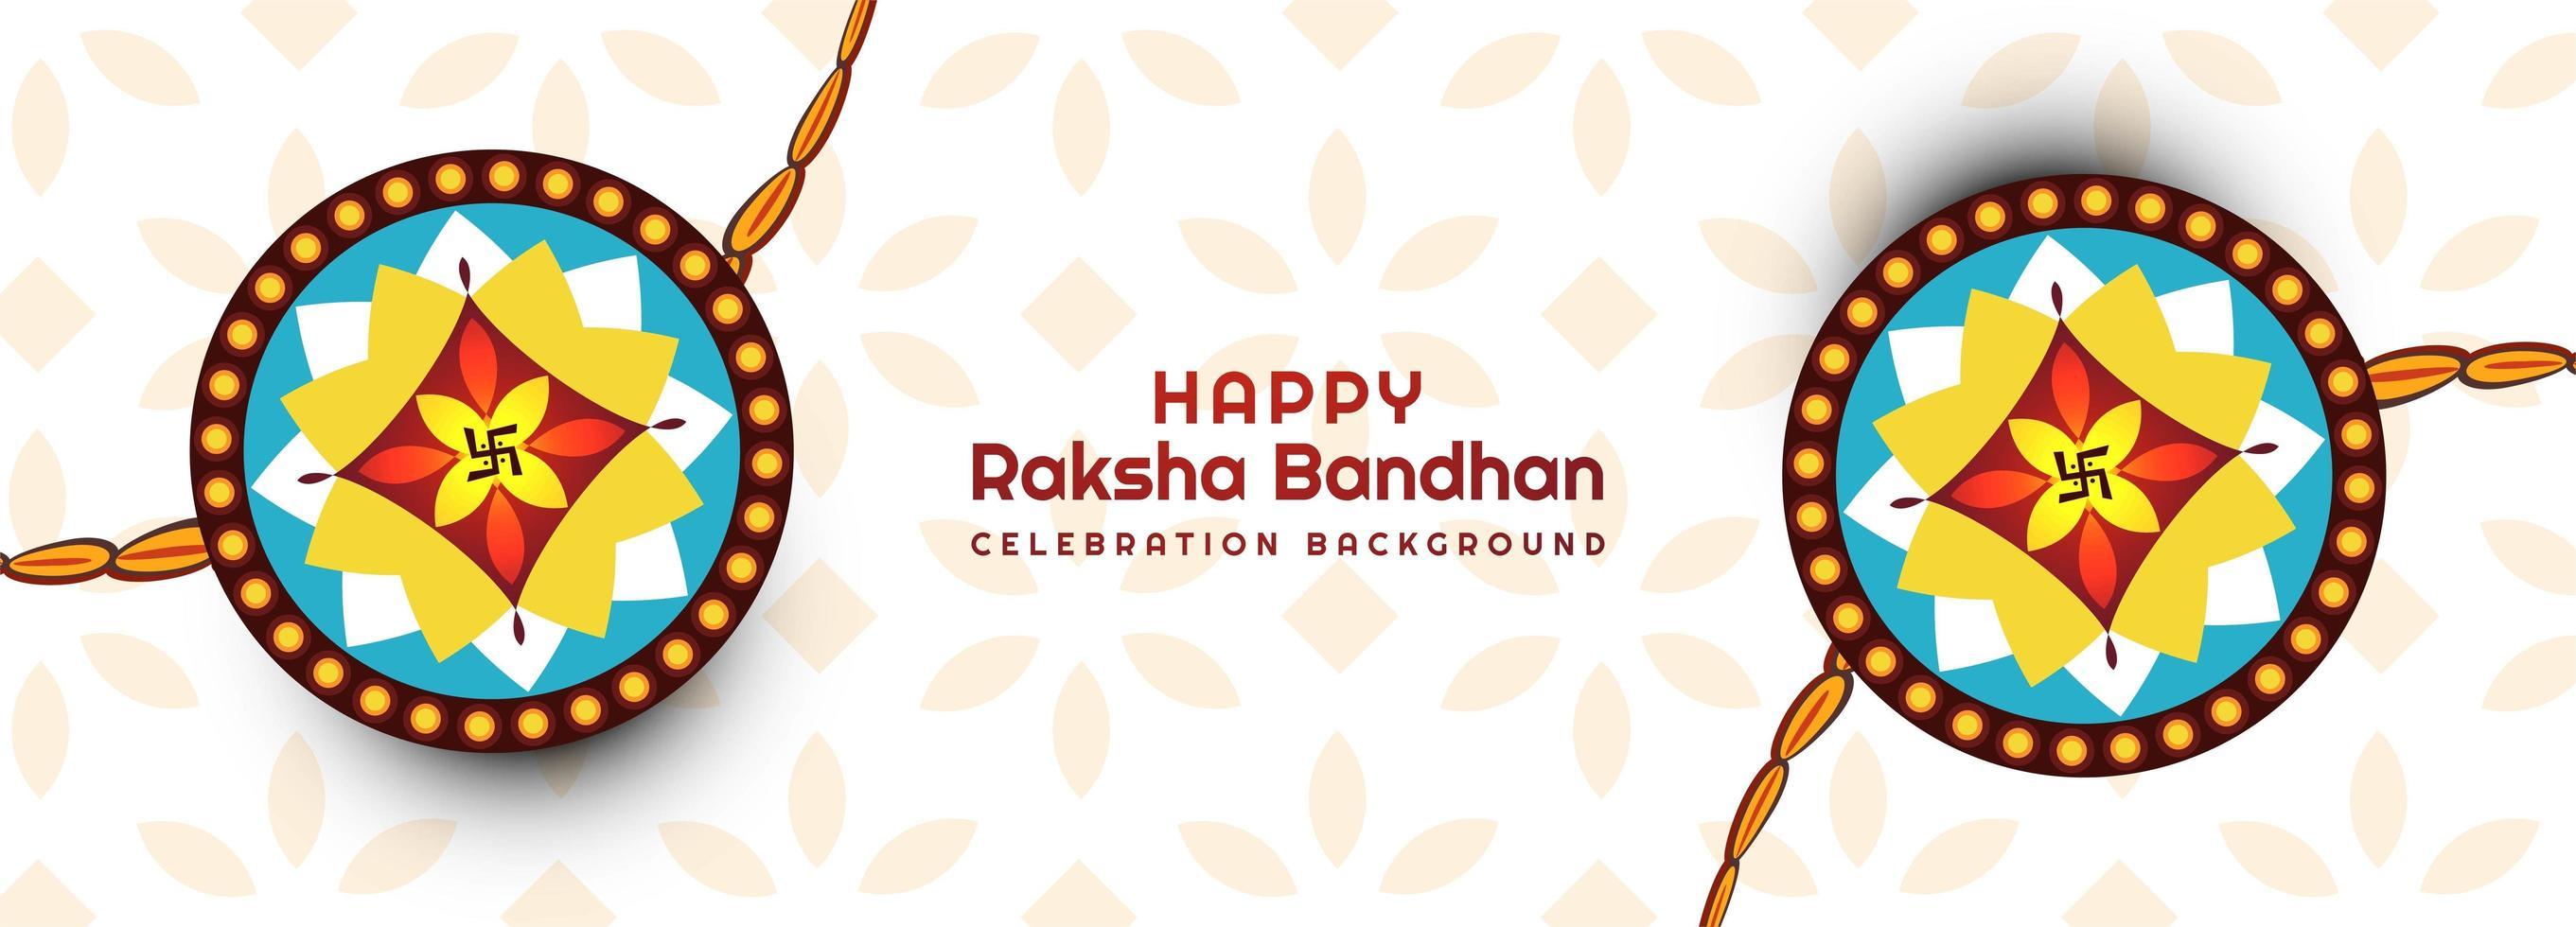 dekorerad rakhi för raksha bandhan banner vektor